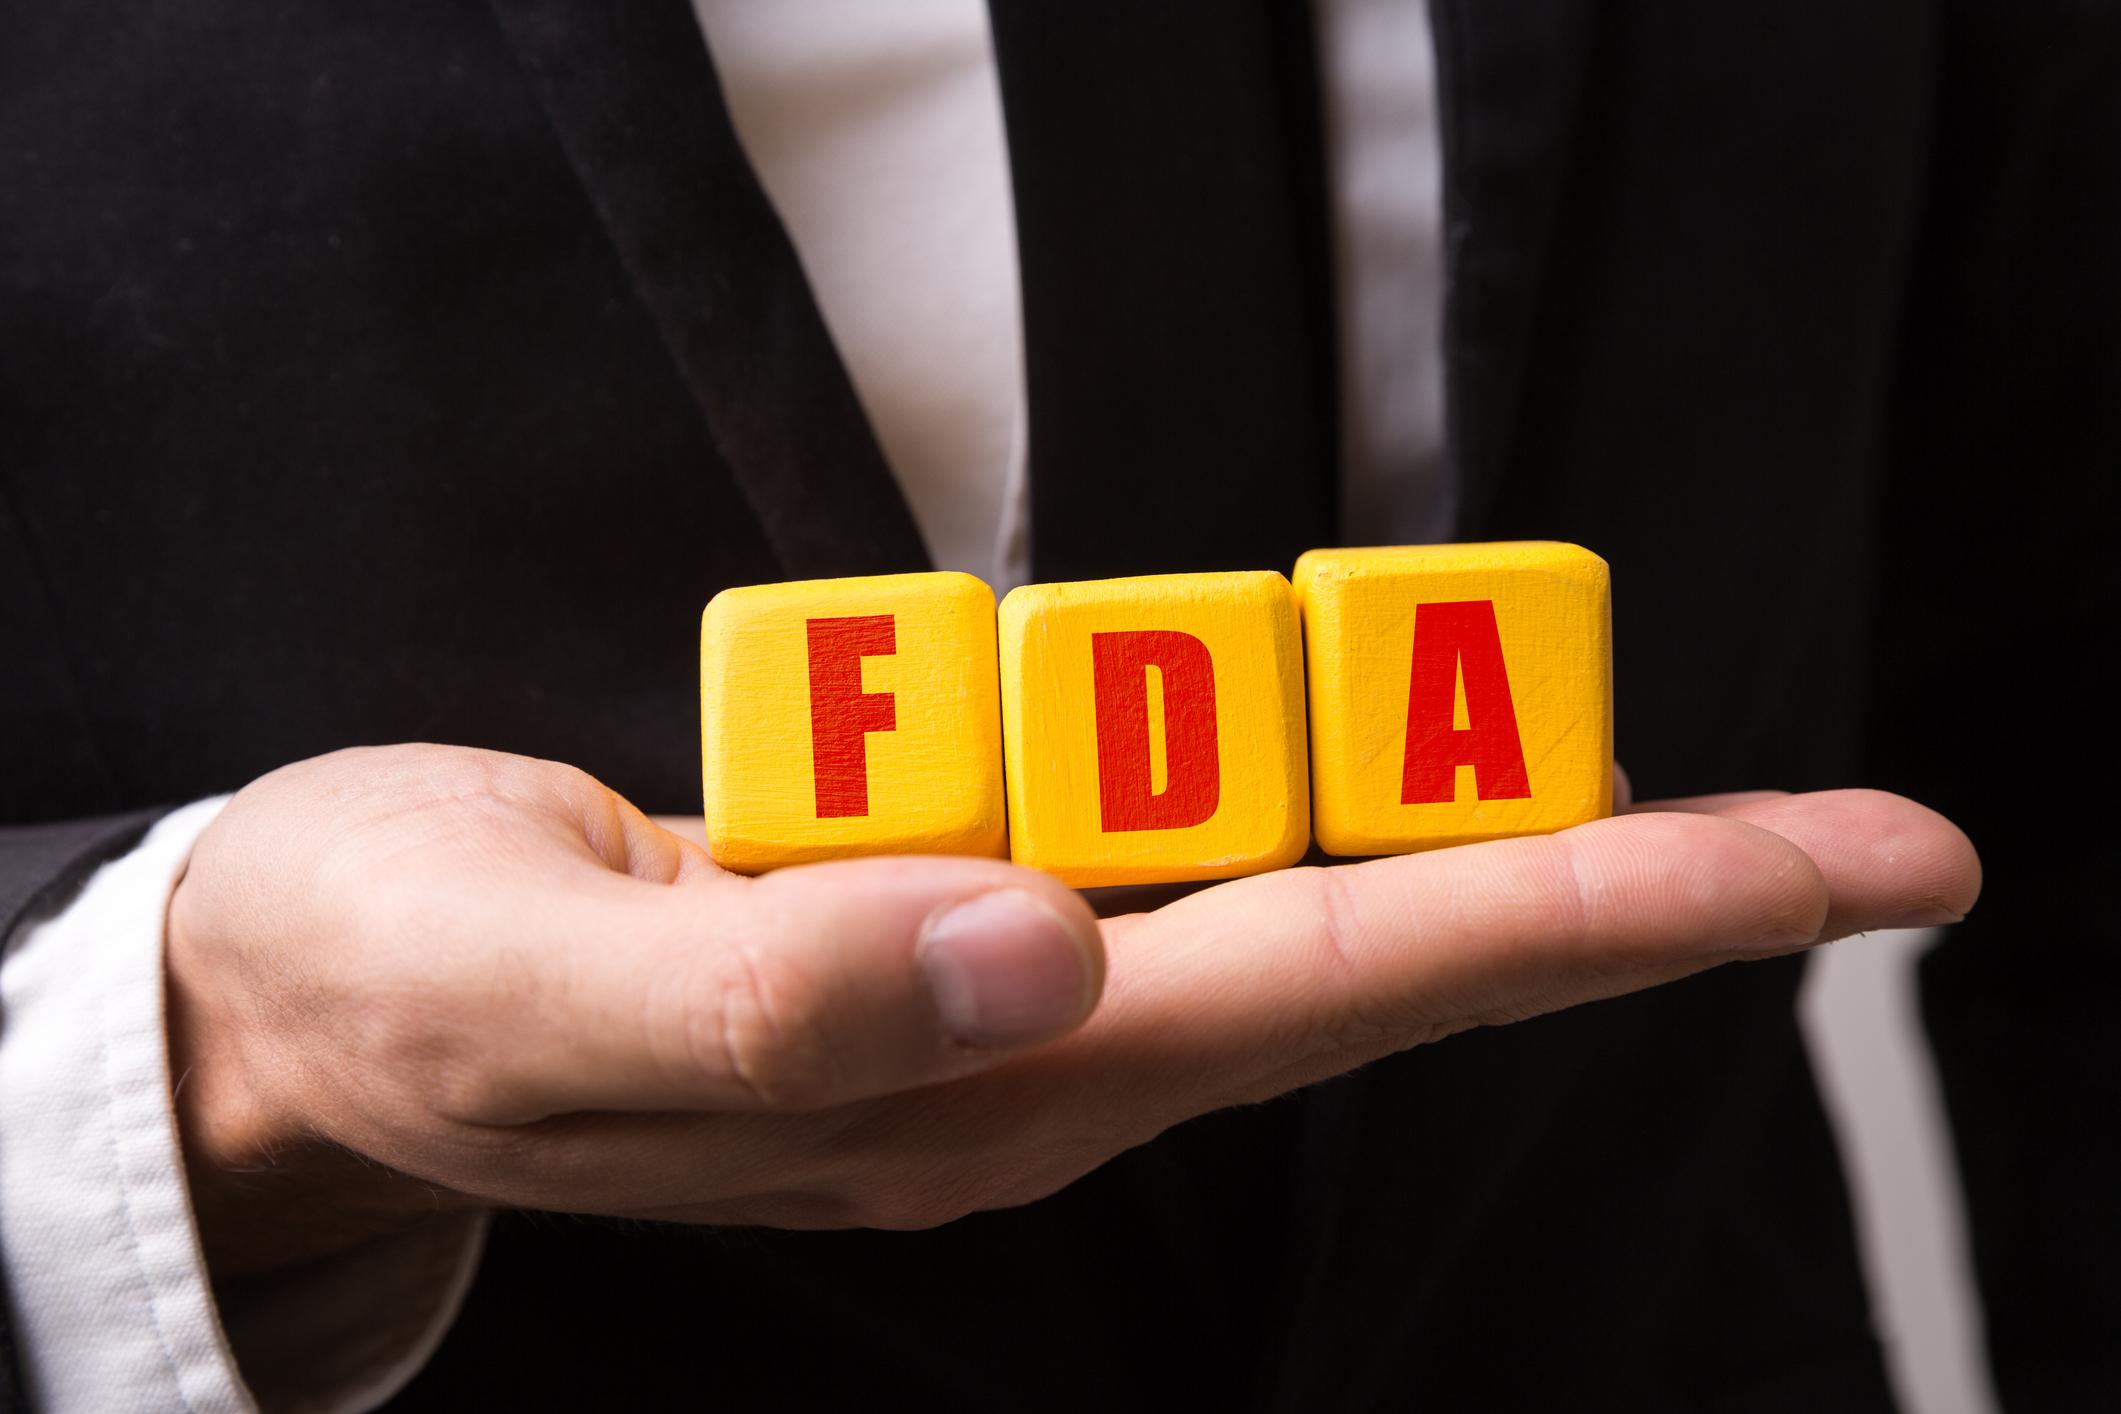 Blocks that spell FDA